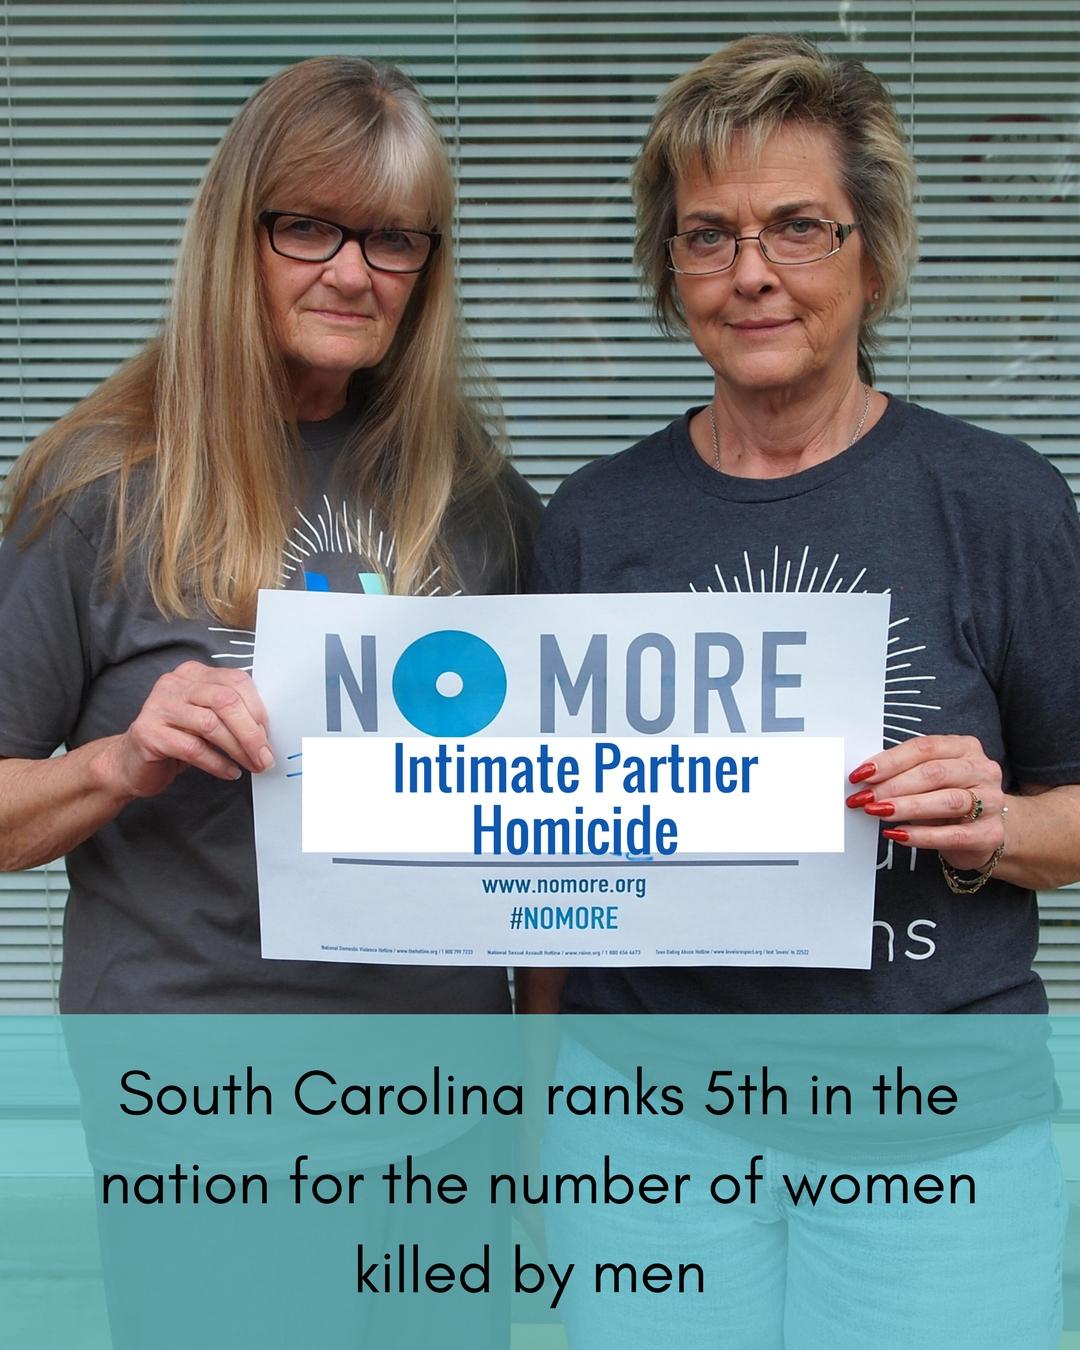 No More Campaign-IP Homicide